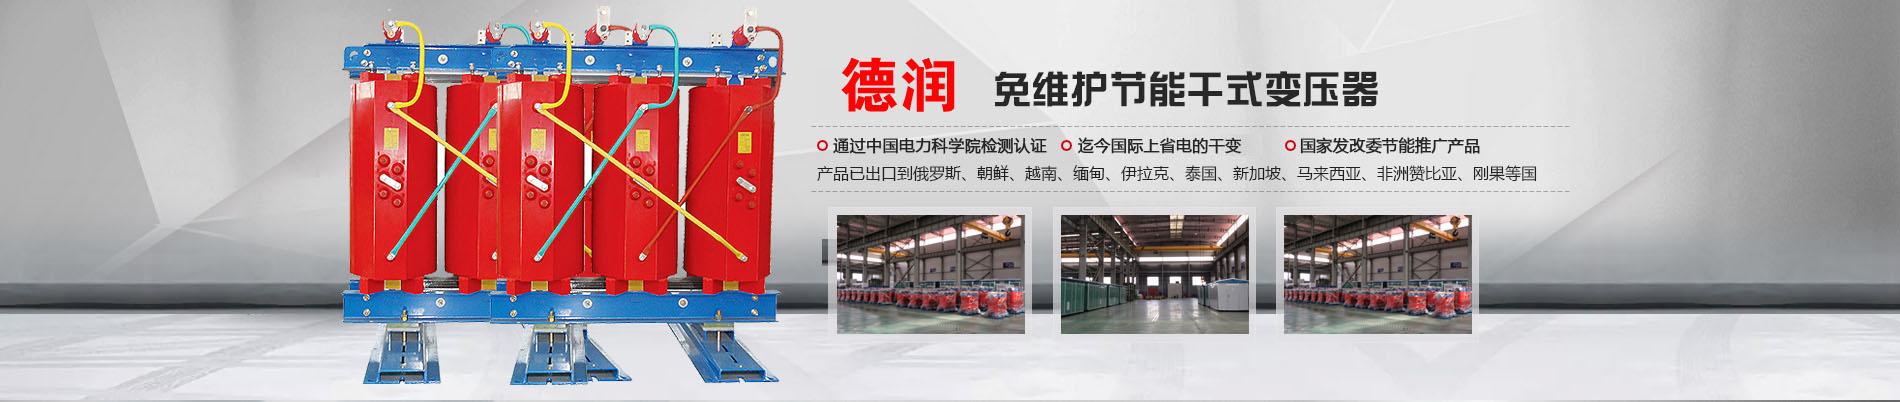 沈阳干式变压器厂家